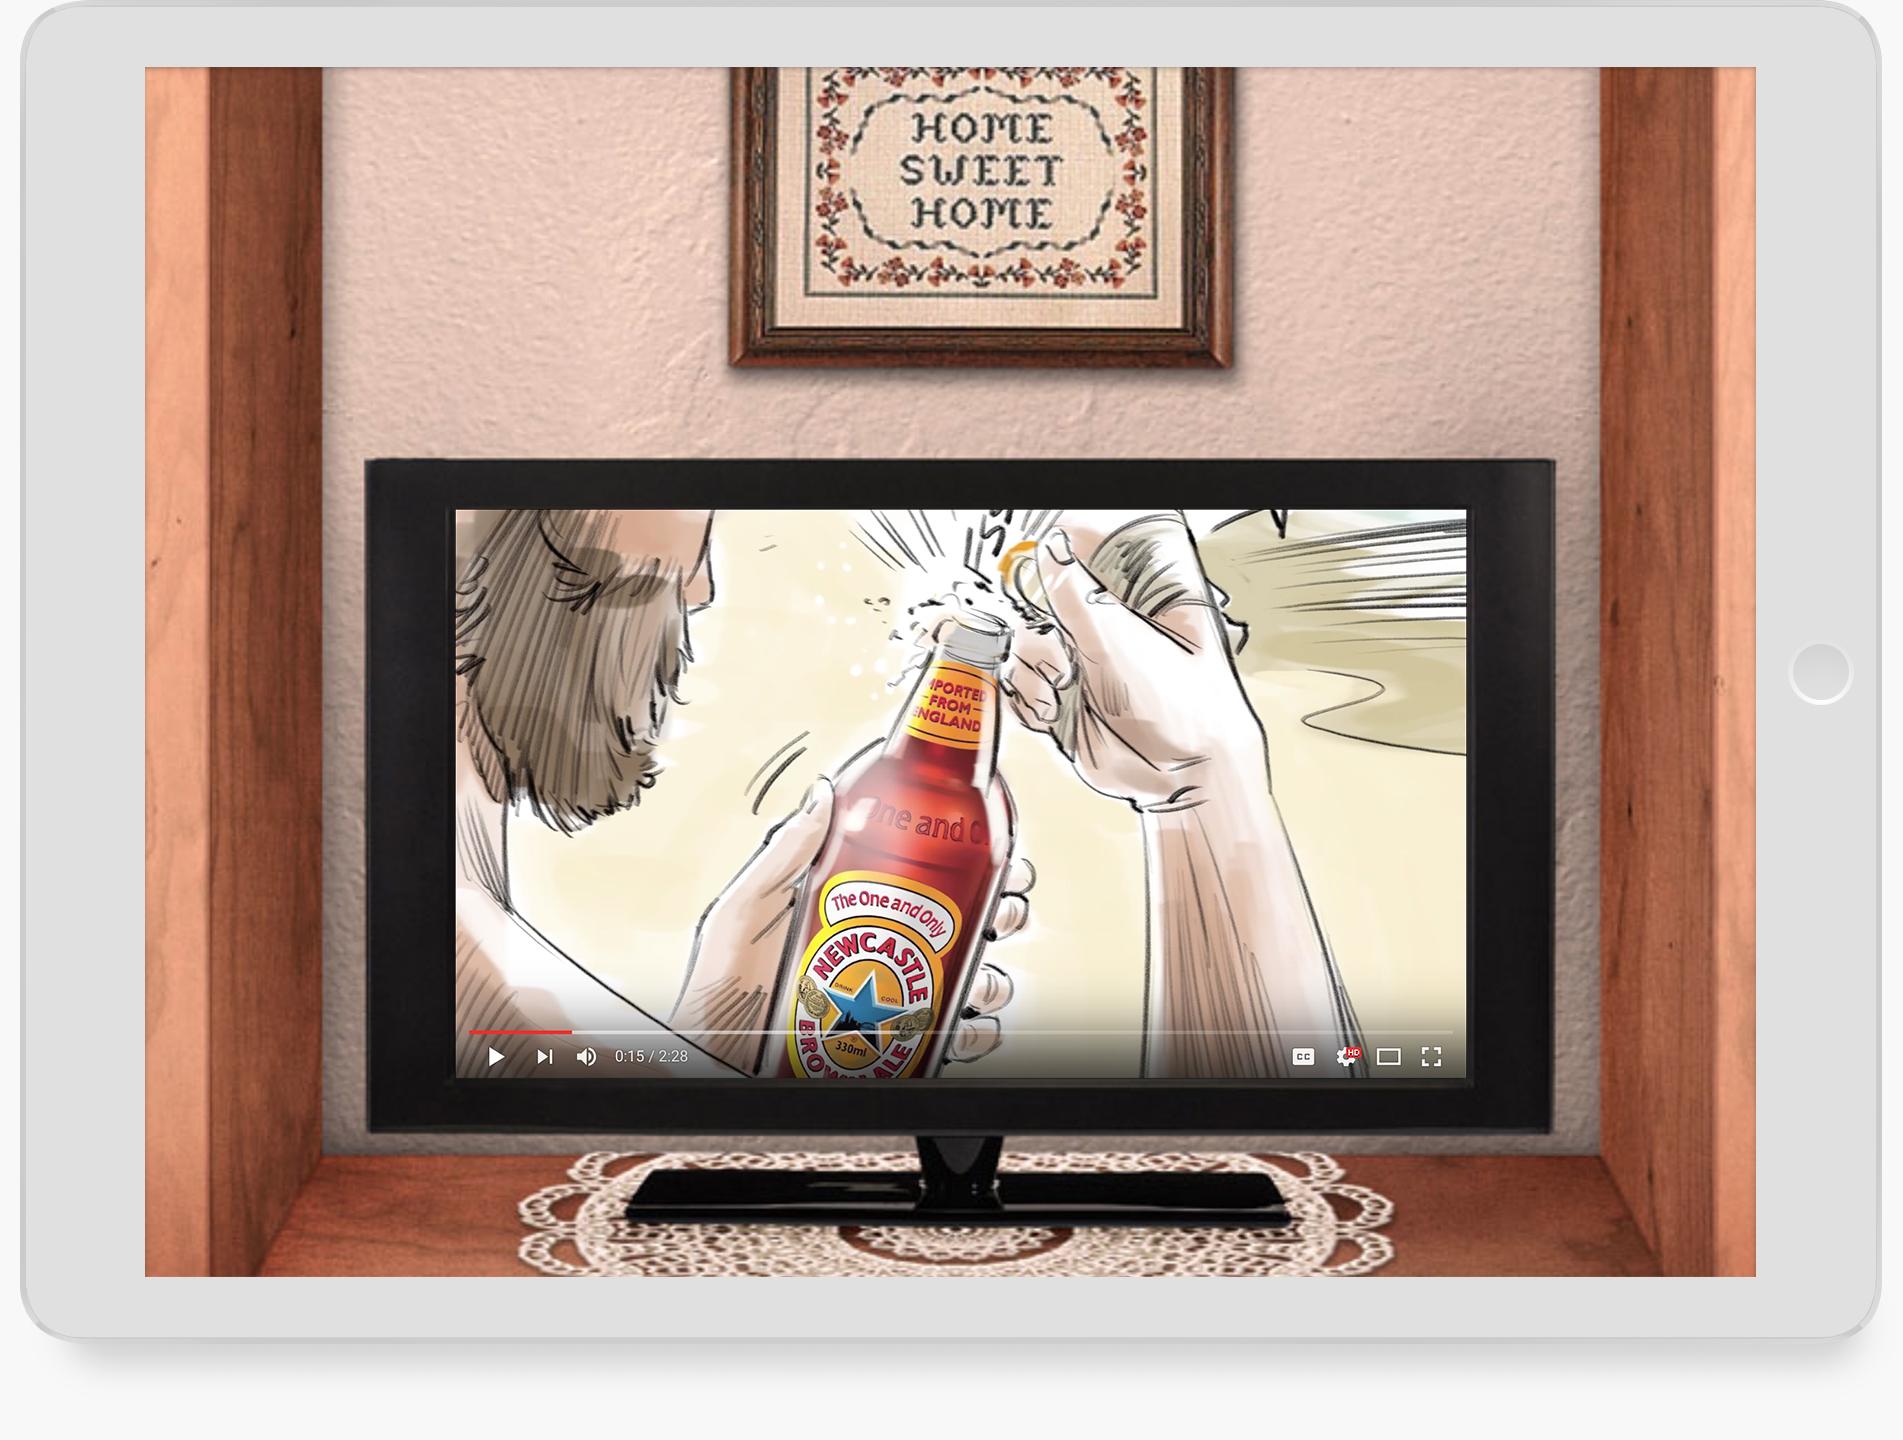 ipad_beerplay_5.jpg